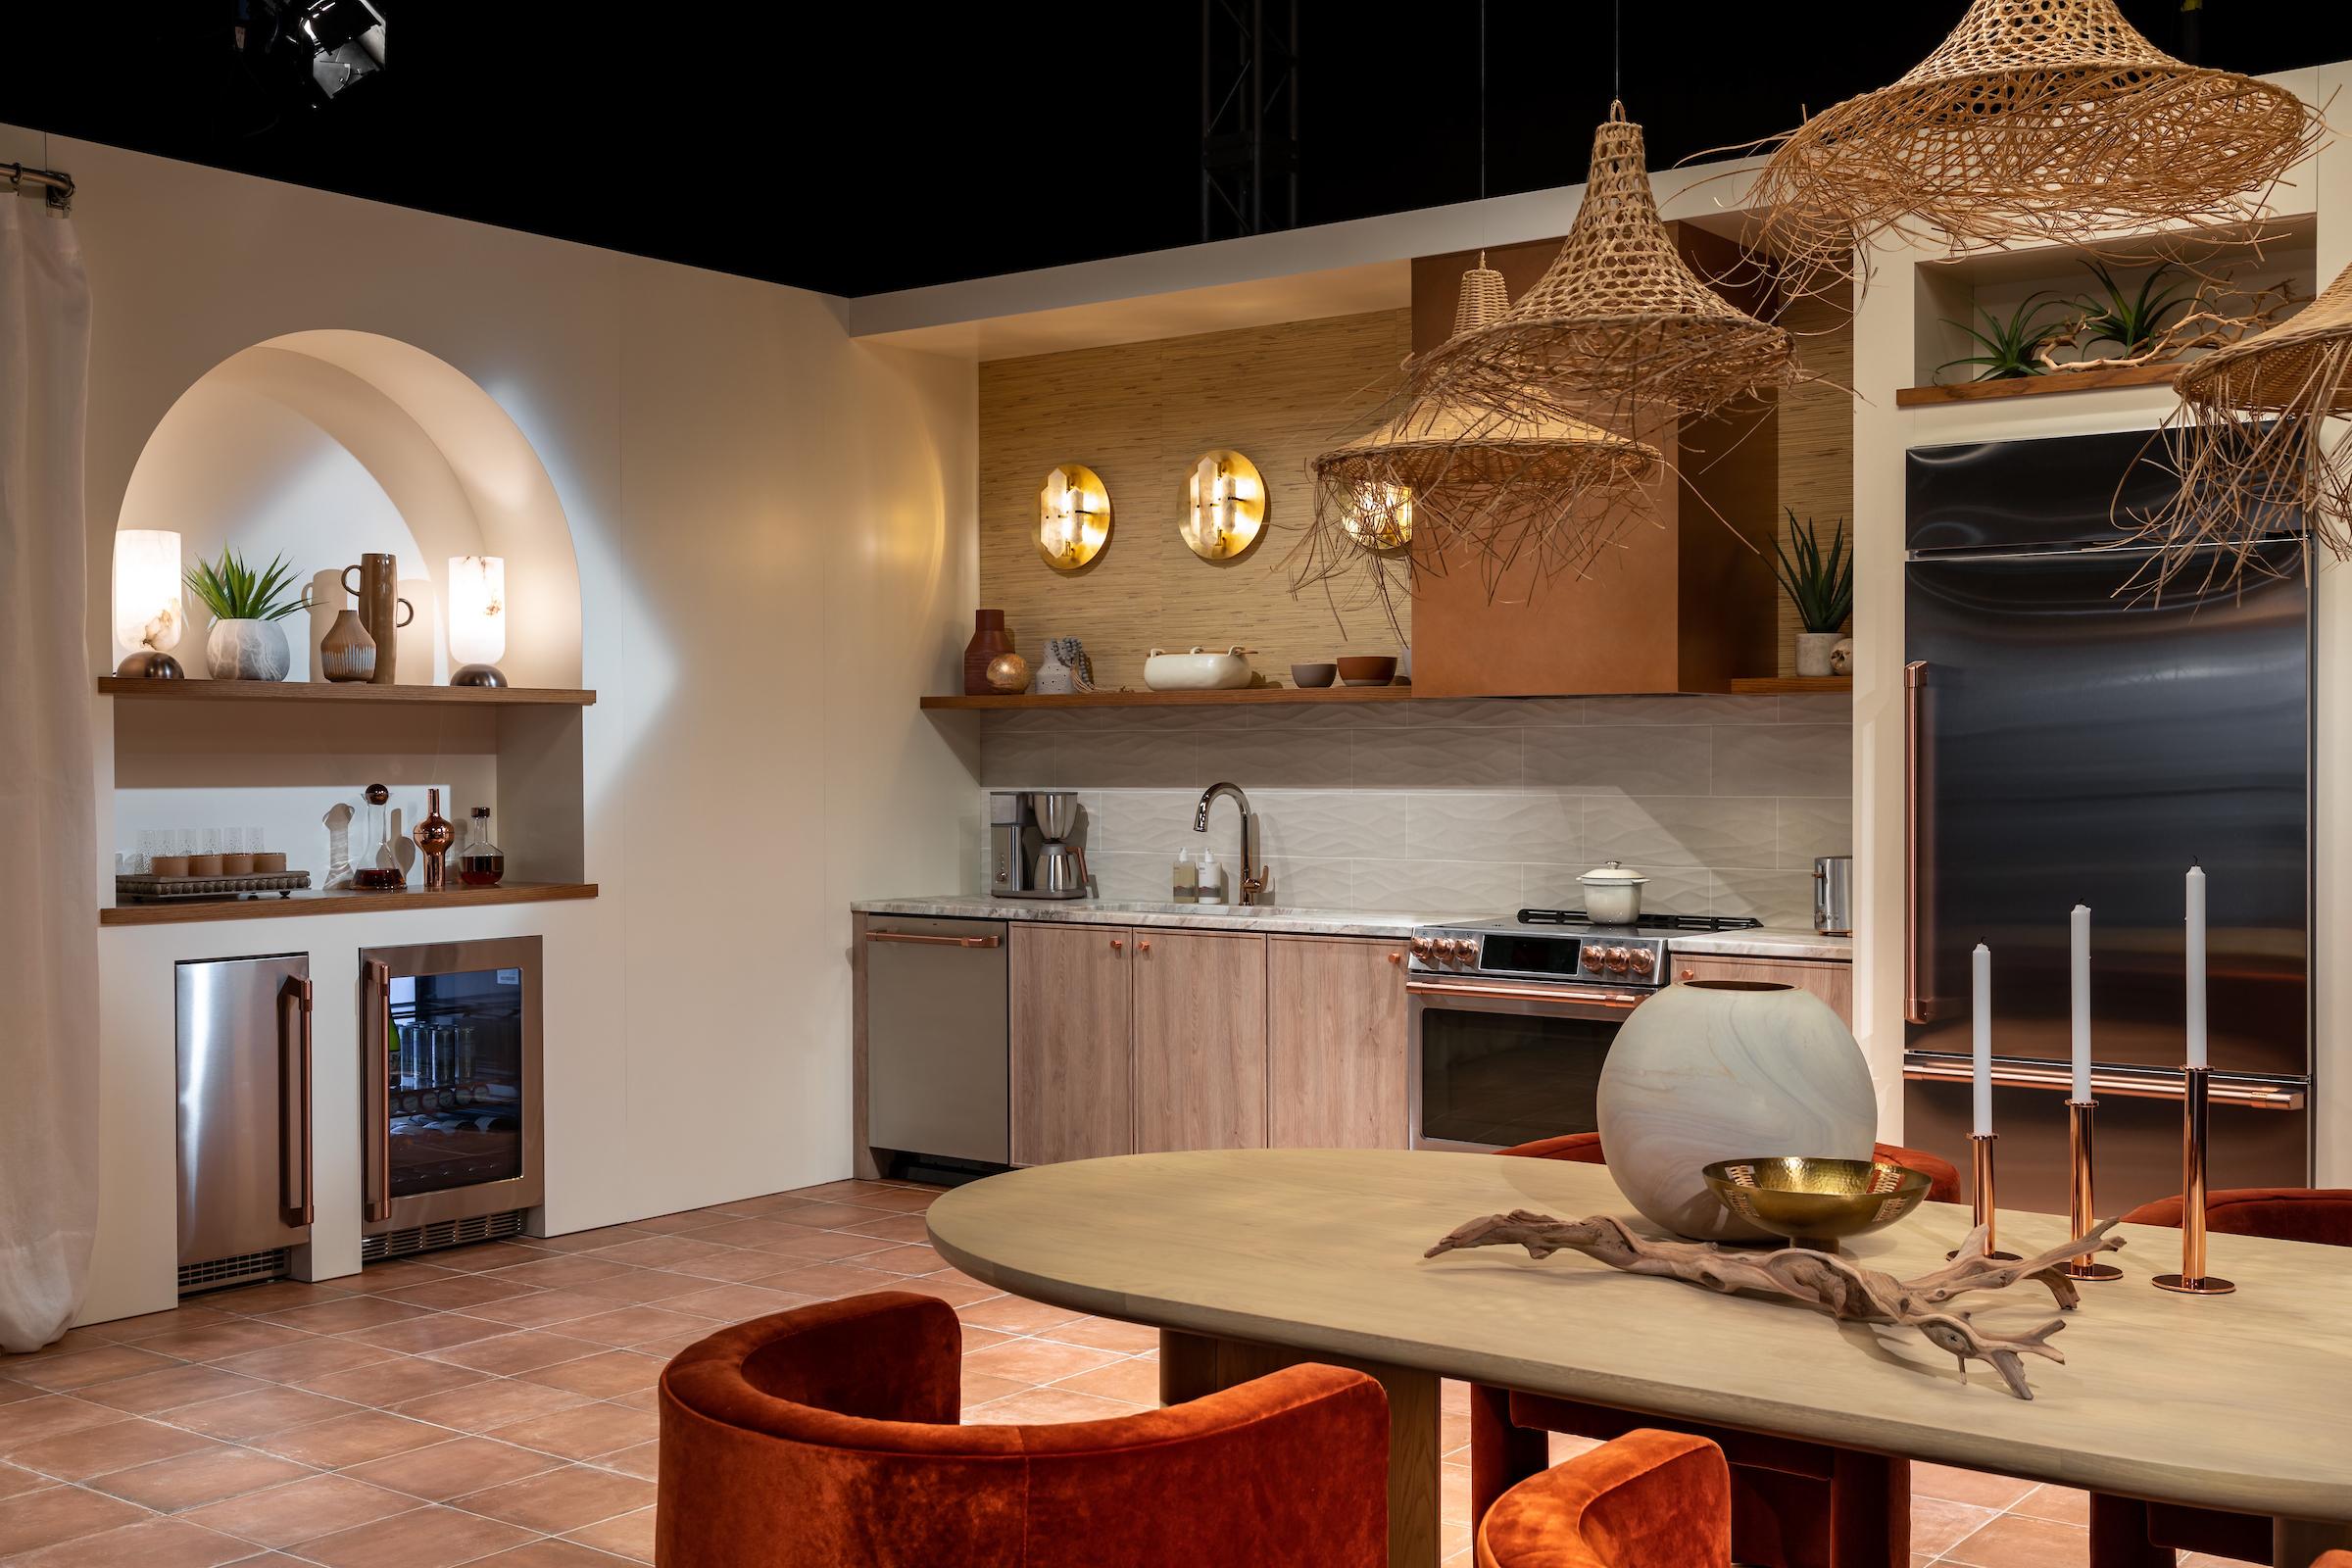 CAFÉ KBIS 2021 Kitchen: Desert Daydream